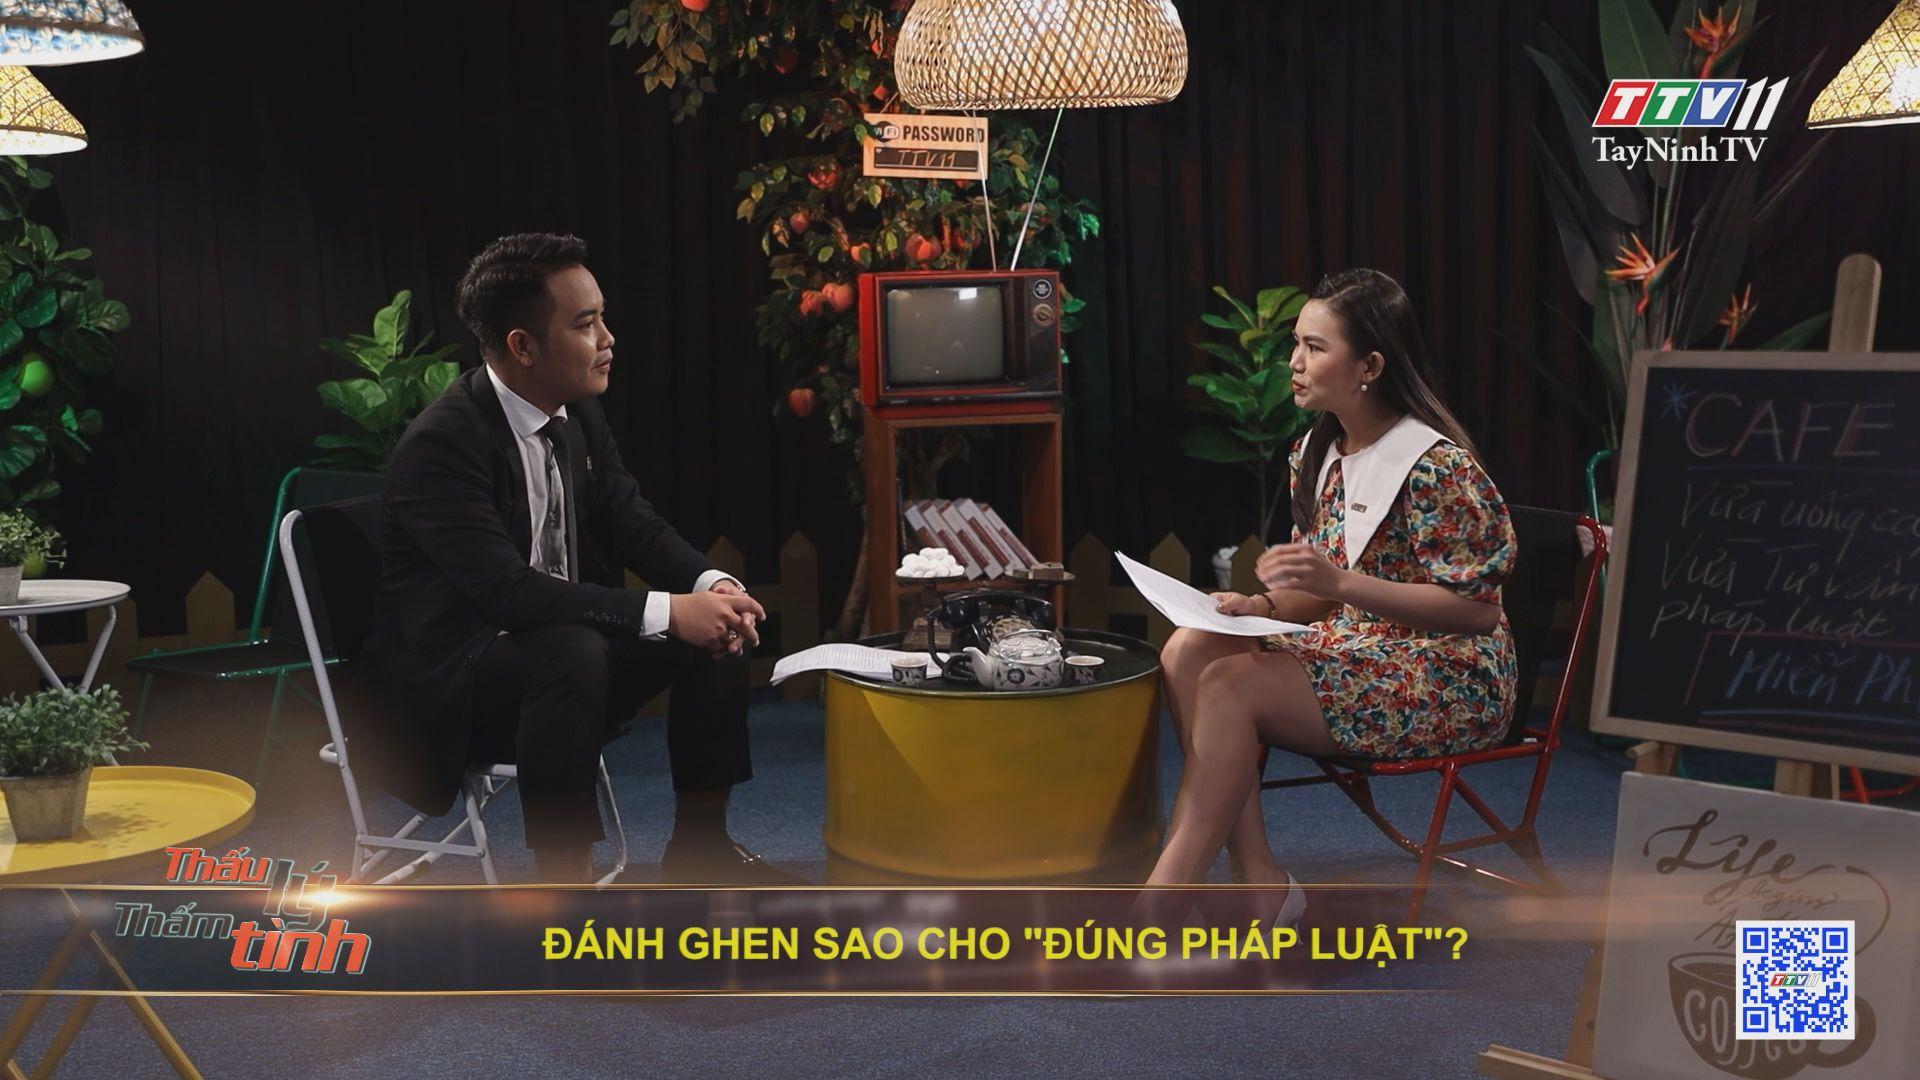 ĐÁNH GHEN sao cho ĐÚNG PHÁP LUẬT | Thấu lý thấm tình | TayNinhTVE